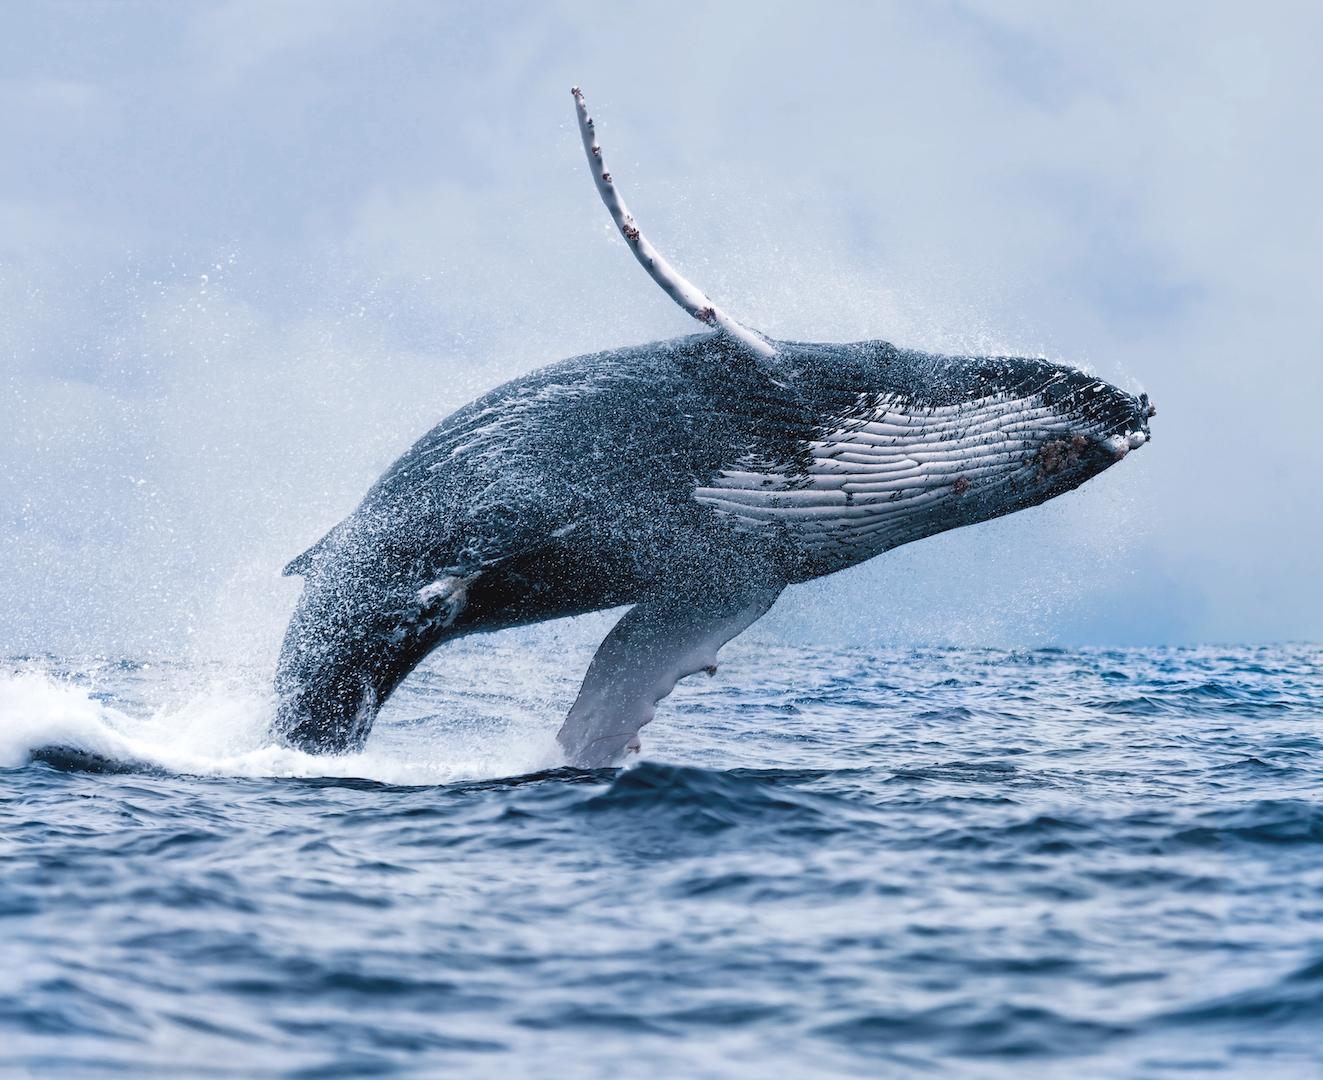 superbe photo d'une baleine sortant entièrement de l'eau lors d'une sortie depuis Reykjavik